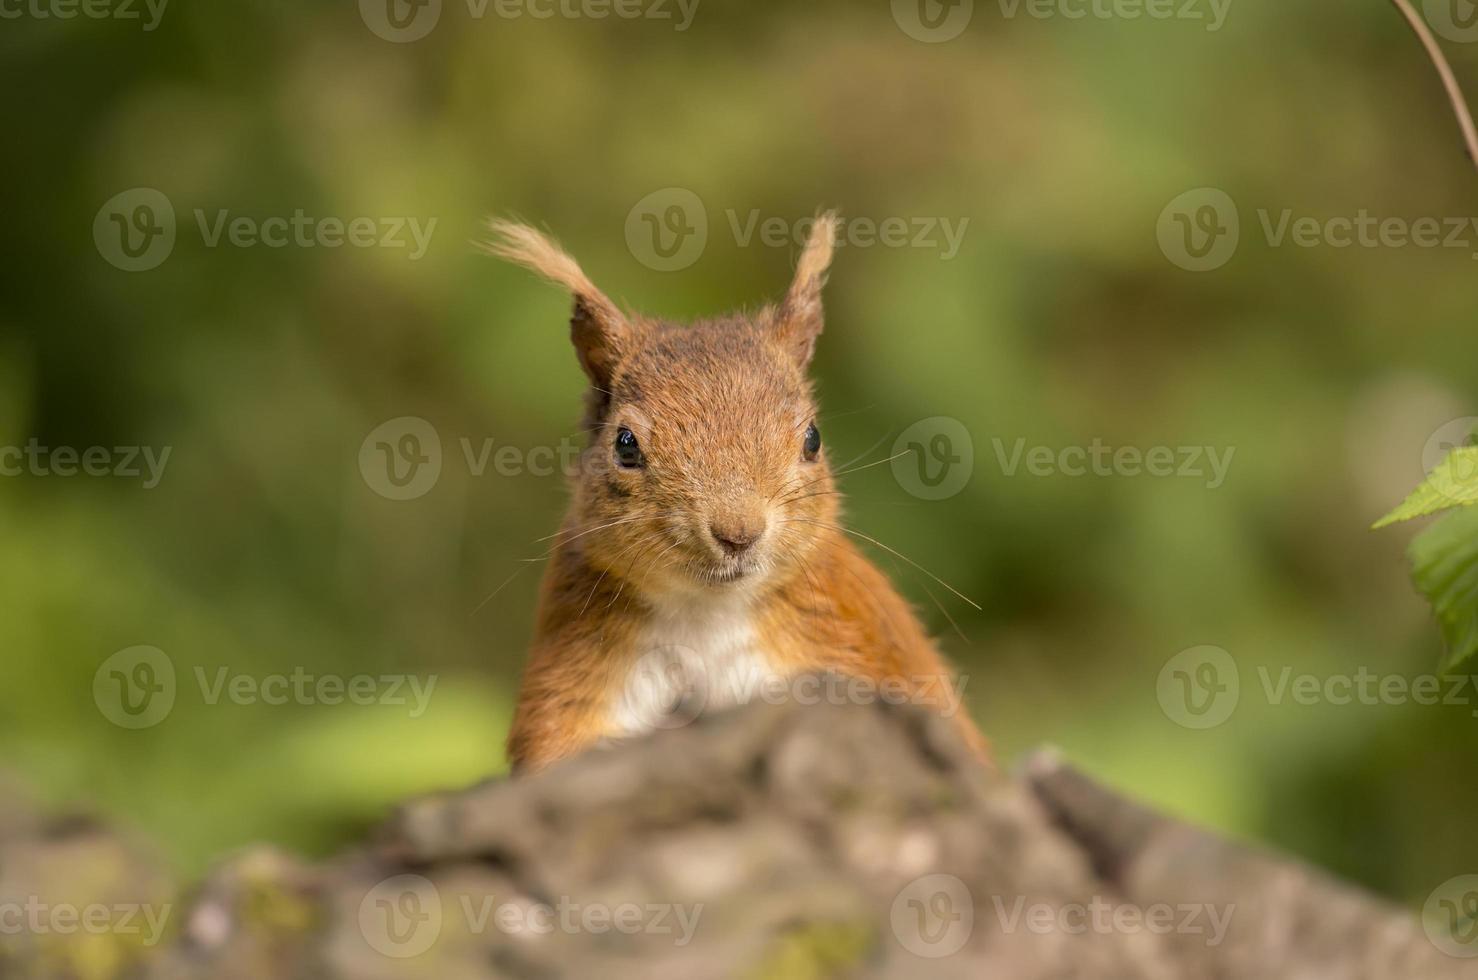 rotes Eichhörnchen, Sciurus vulgaris, auf einem Baumstamm, Kopfschuss foto